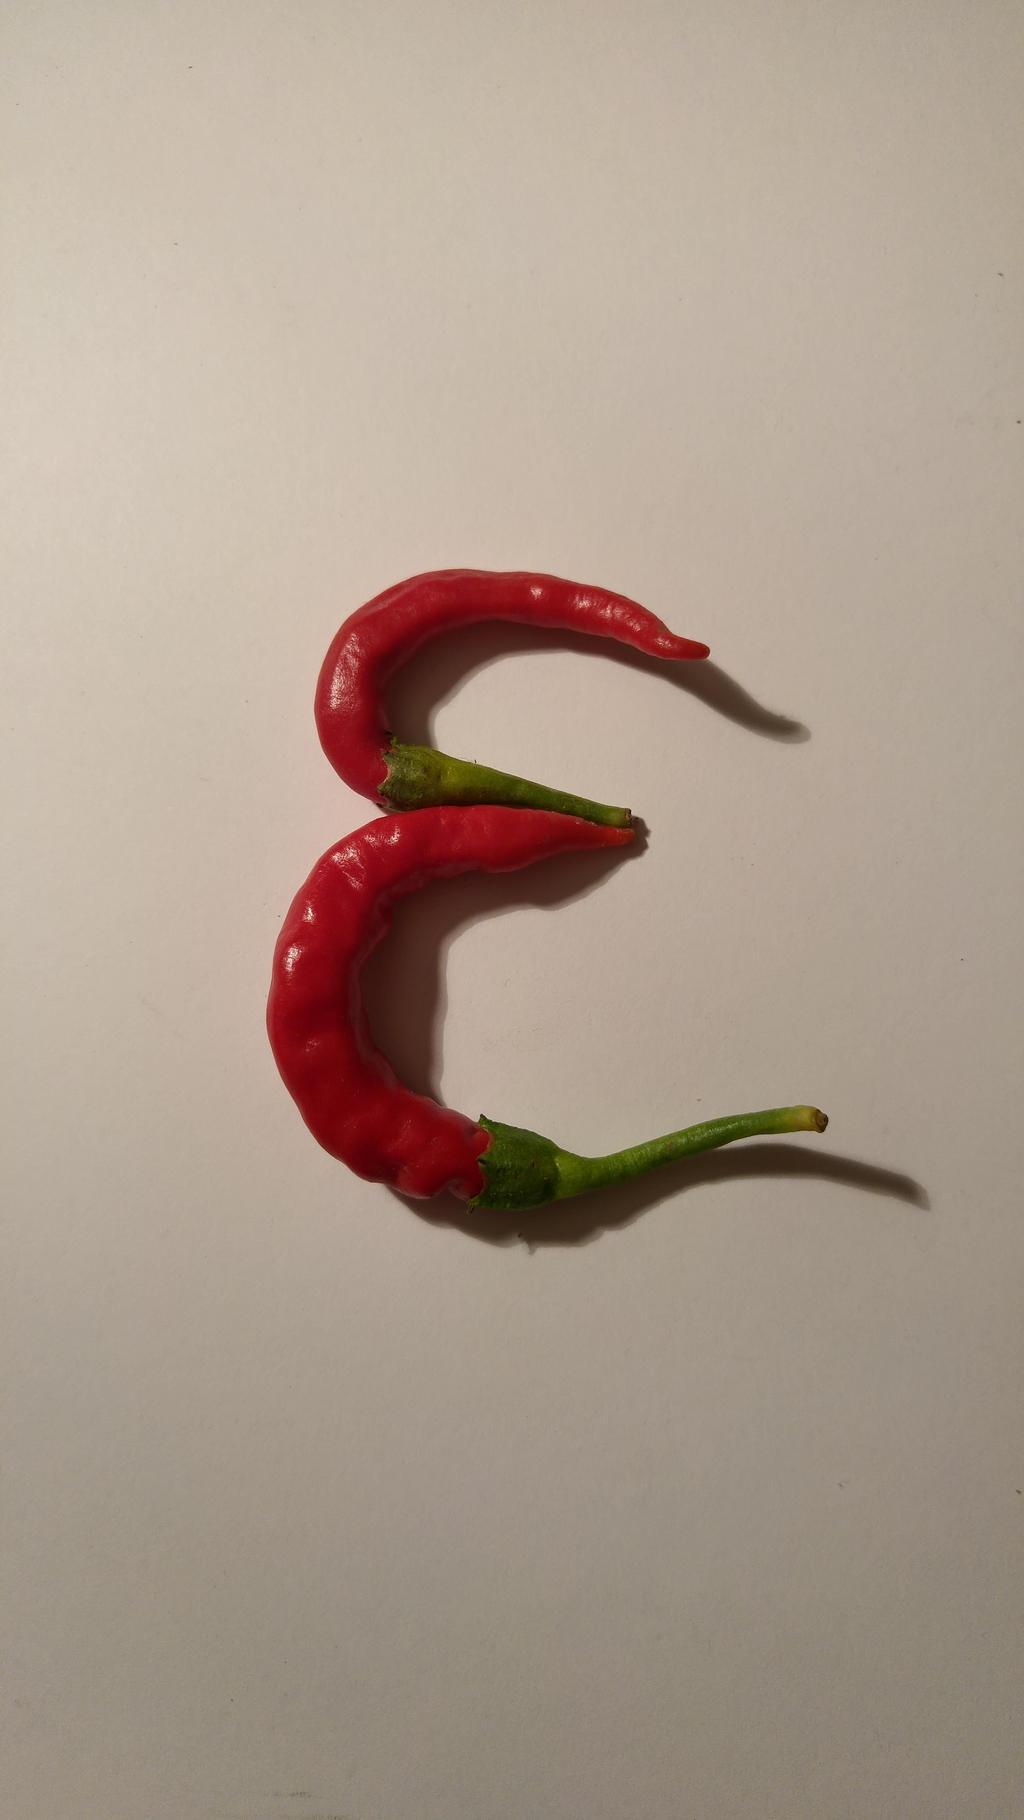 pepper E by solstiziodinverno